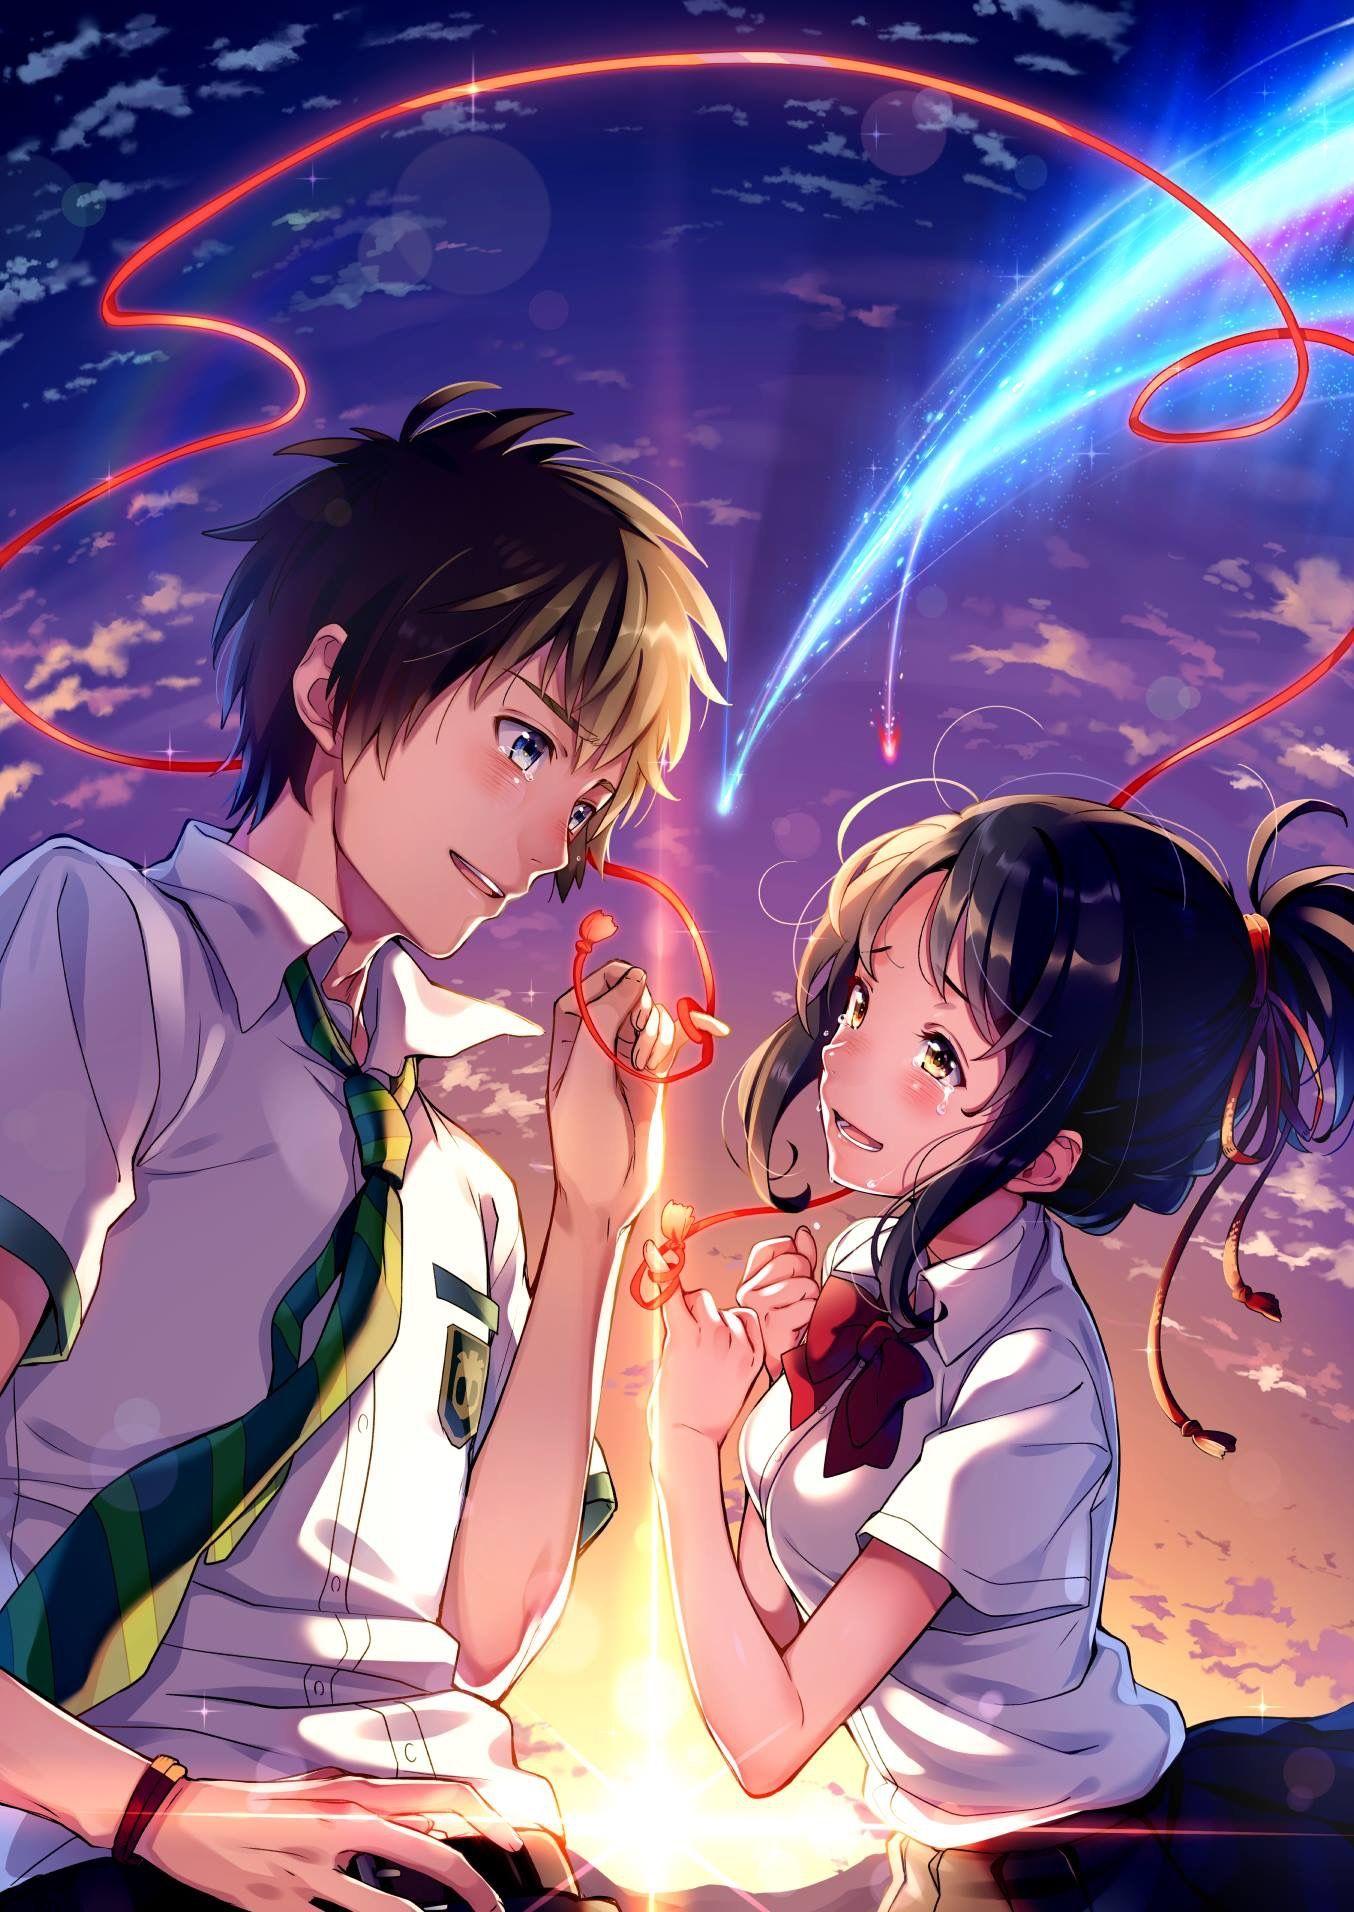 Filme Kimi No Nawa Gambar Anime Gadis Animasi Gambar Manga